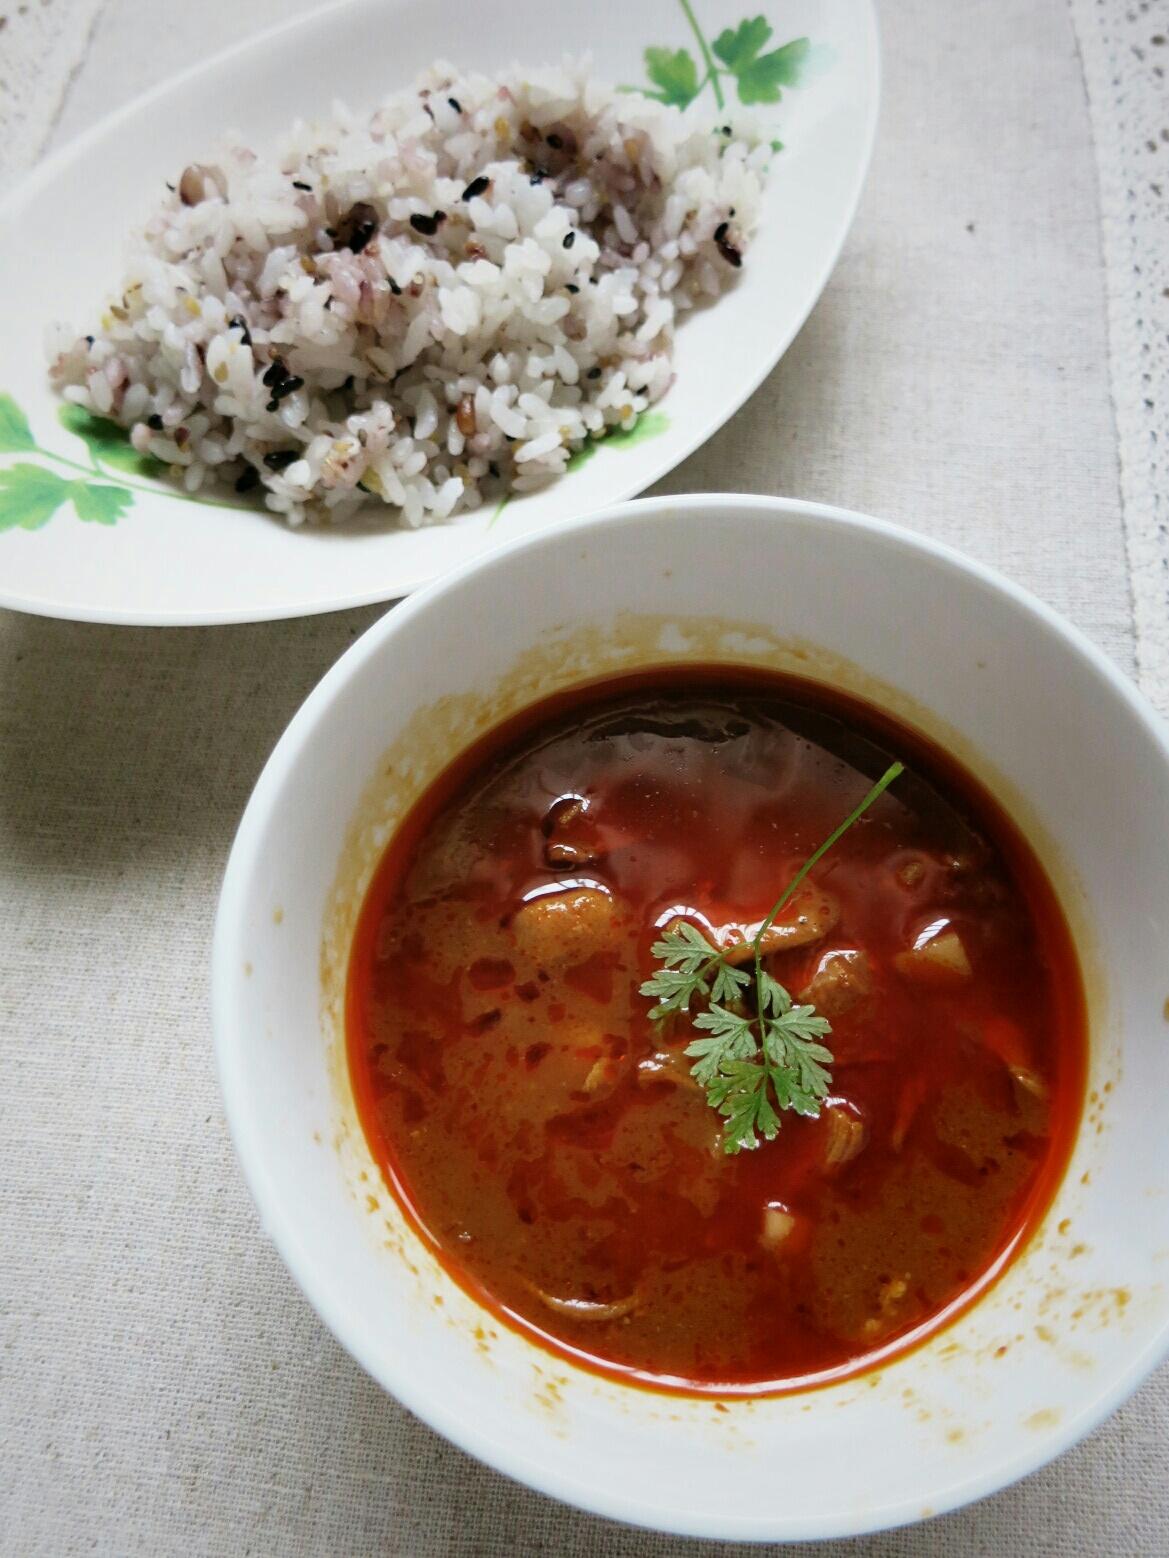 タイカレーの缶詰め / 生食用アンズ @マツヤ_f0236260_12105740.jpg